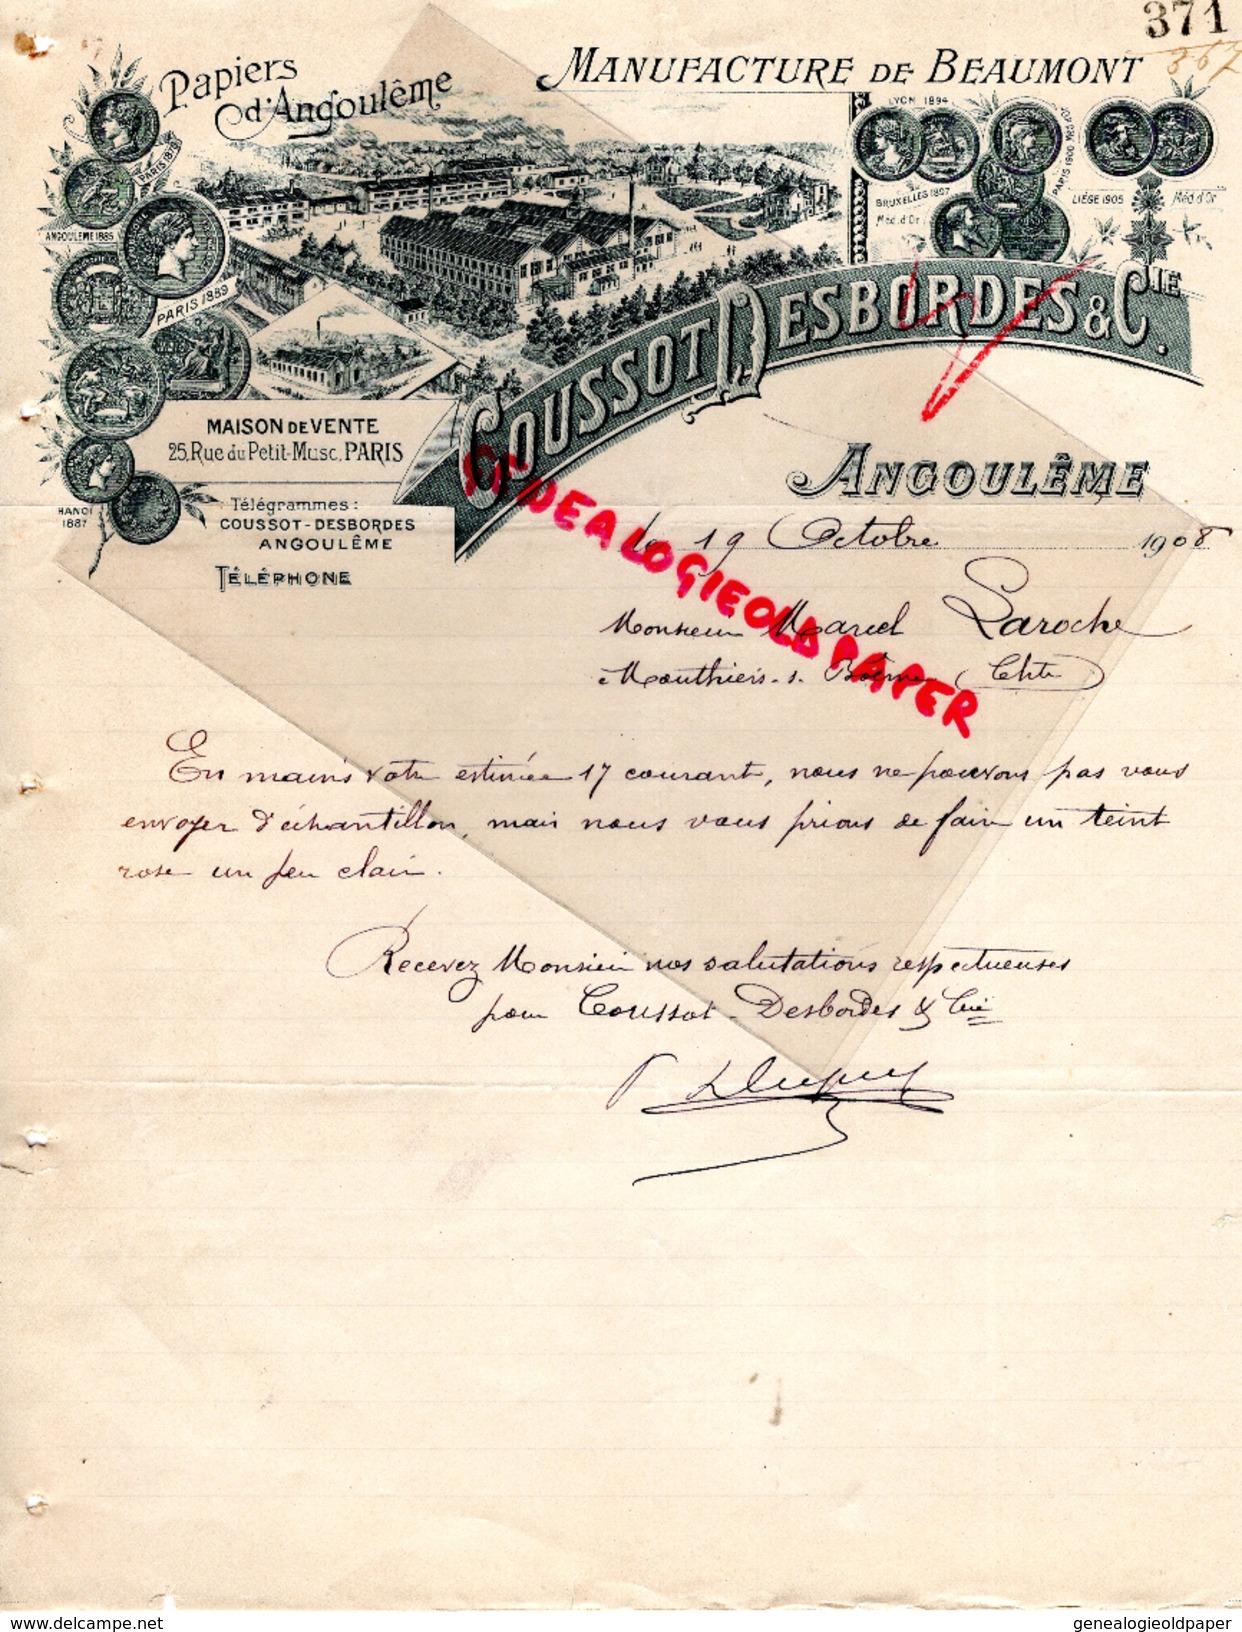 16 - ANGOULEME -FACTURE MANUFACTURE BEAUMONT PAPIERS PAPETERIE IMPRIMERIE-COUSSOT DESBORDES- A M. LAROCHE MOUTHIERS-1908 - Papeterie